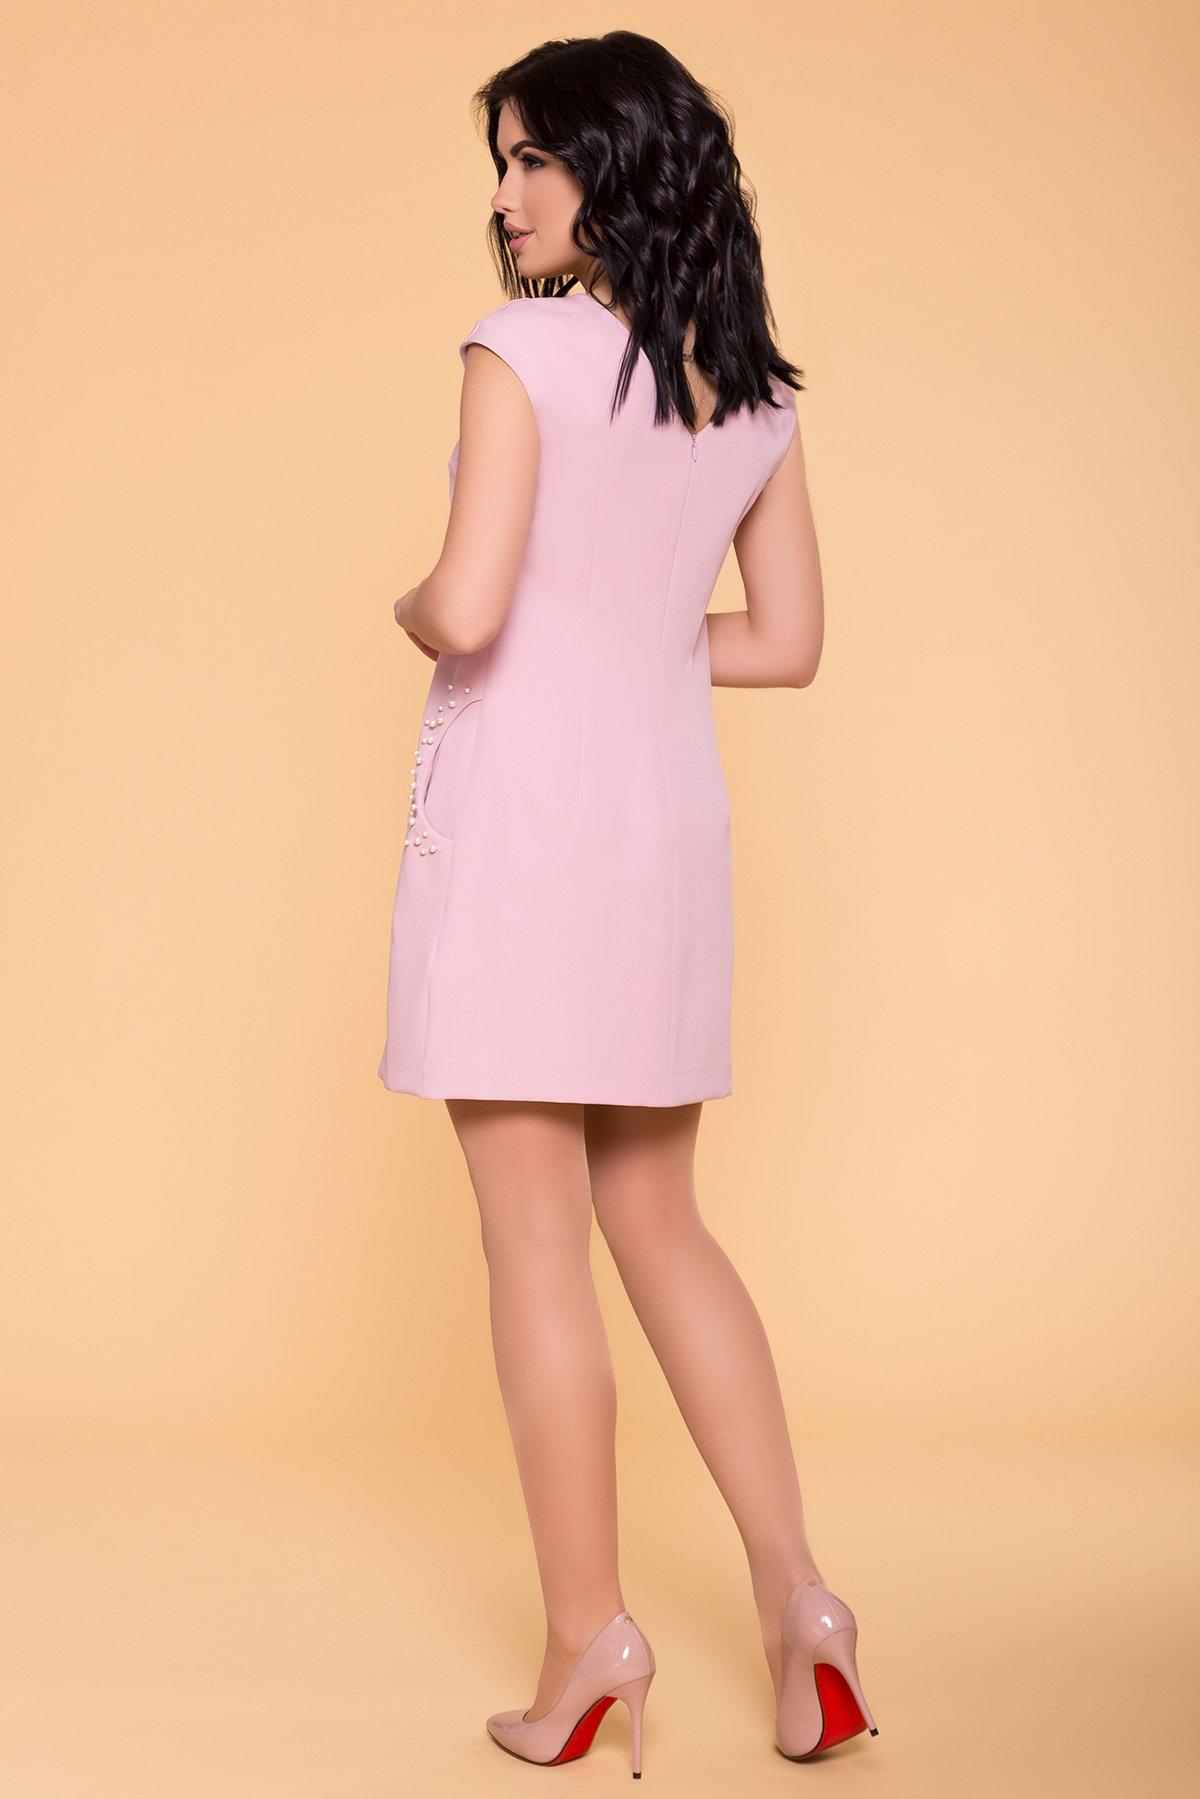 Платье с коротким рукавом Мими 4886 АРТ. 41712 Цвет: Пудра 138 - фото 2, интернет магазин tm-modus.ru